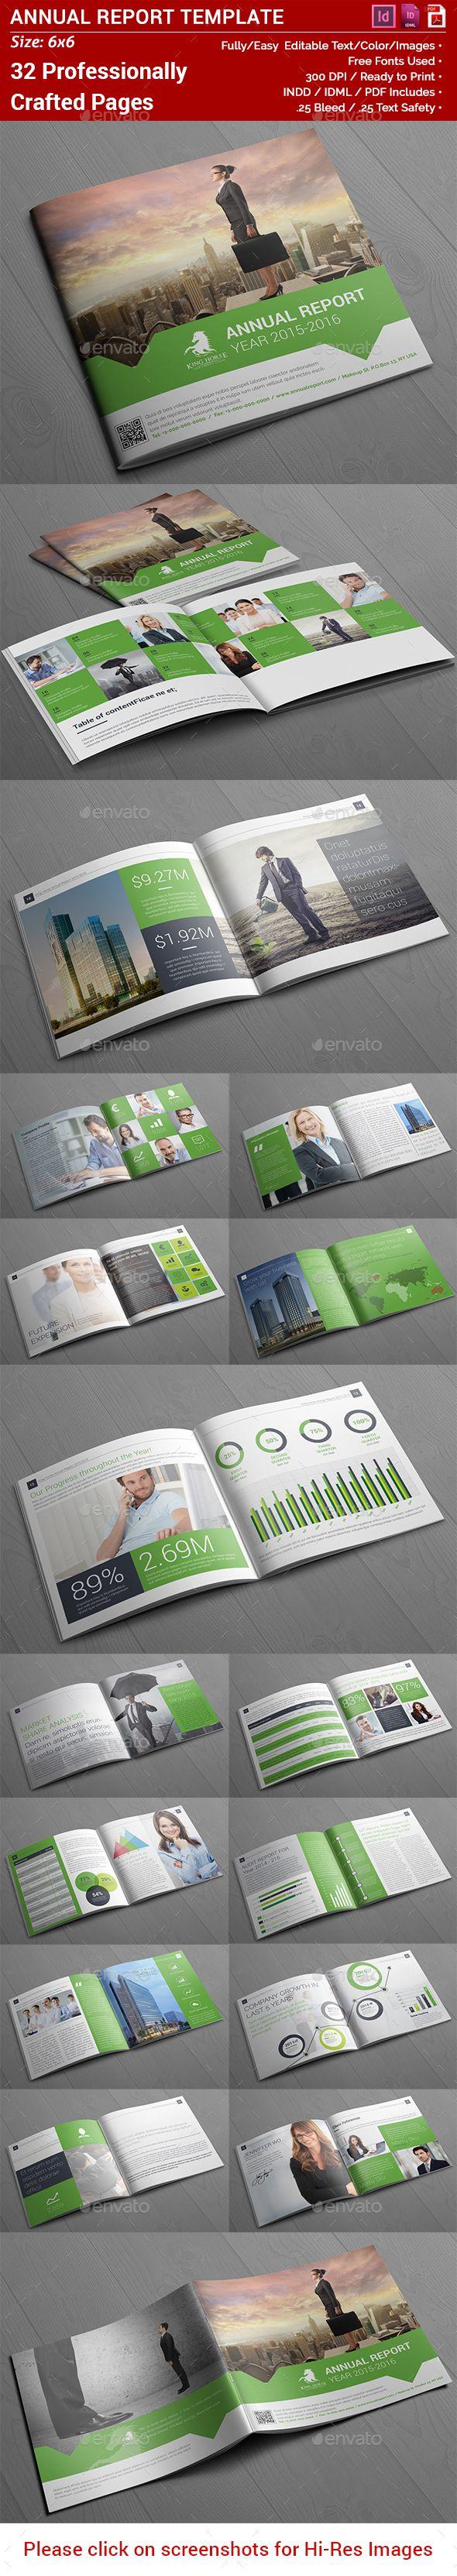 Square Annual Report | Folletos, Diseño editorial y Catálogo